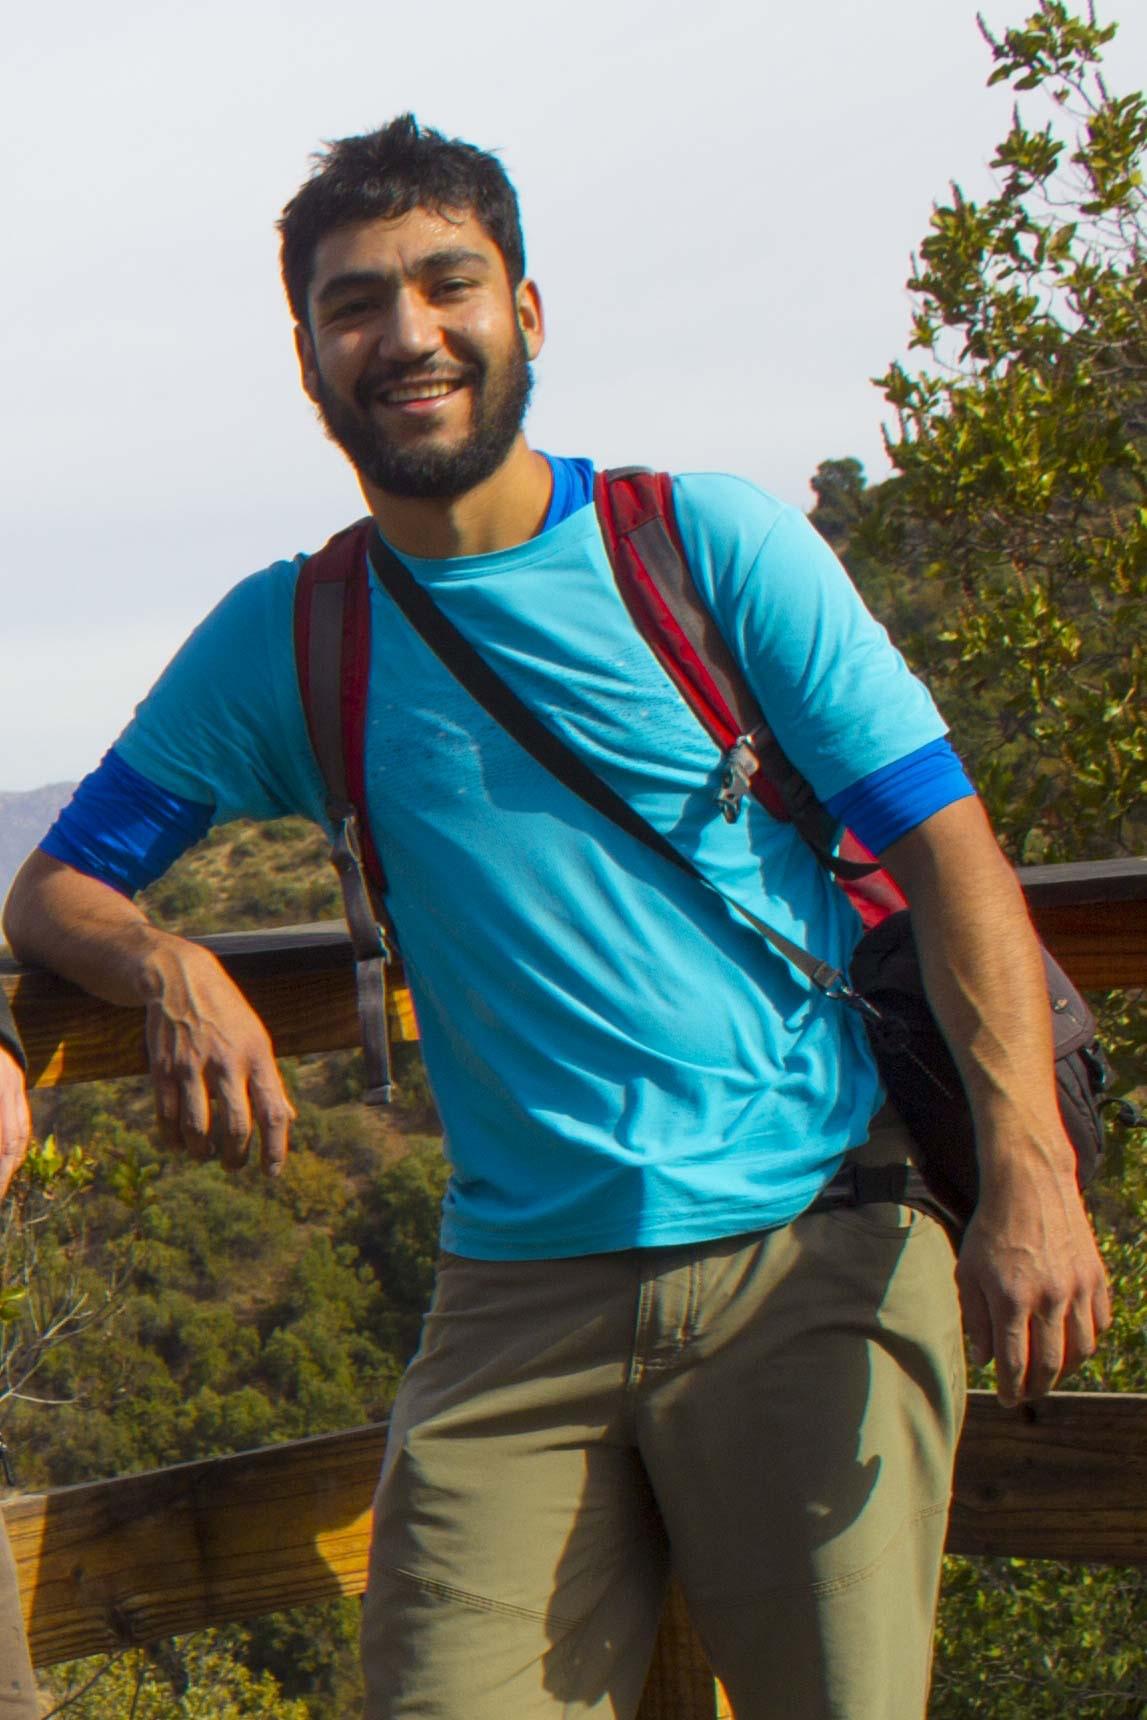 Go to Matías Guerrero's profile